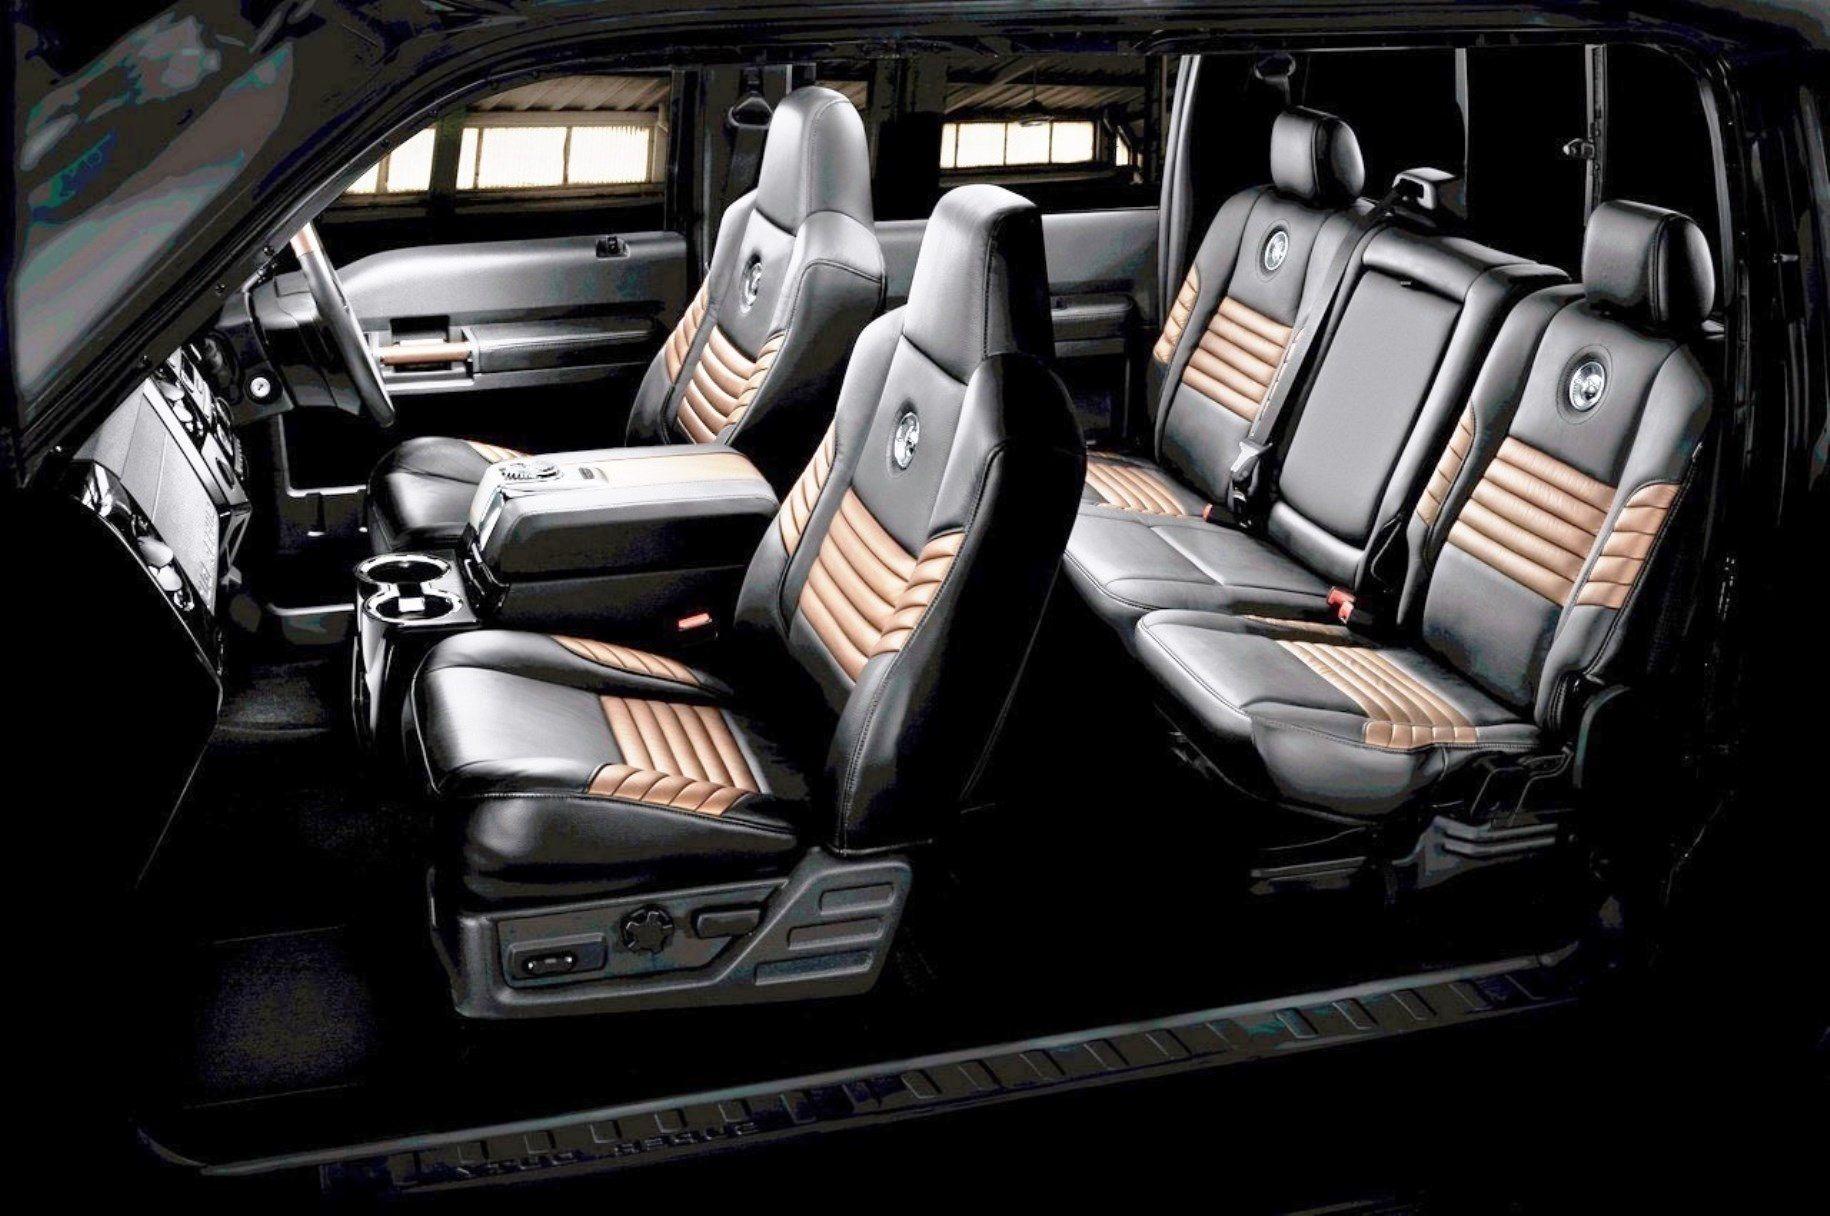 hummer h3 interior seats – CarArea #hummerh3 #hummerinterior ...